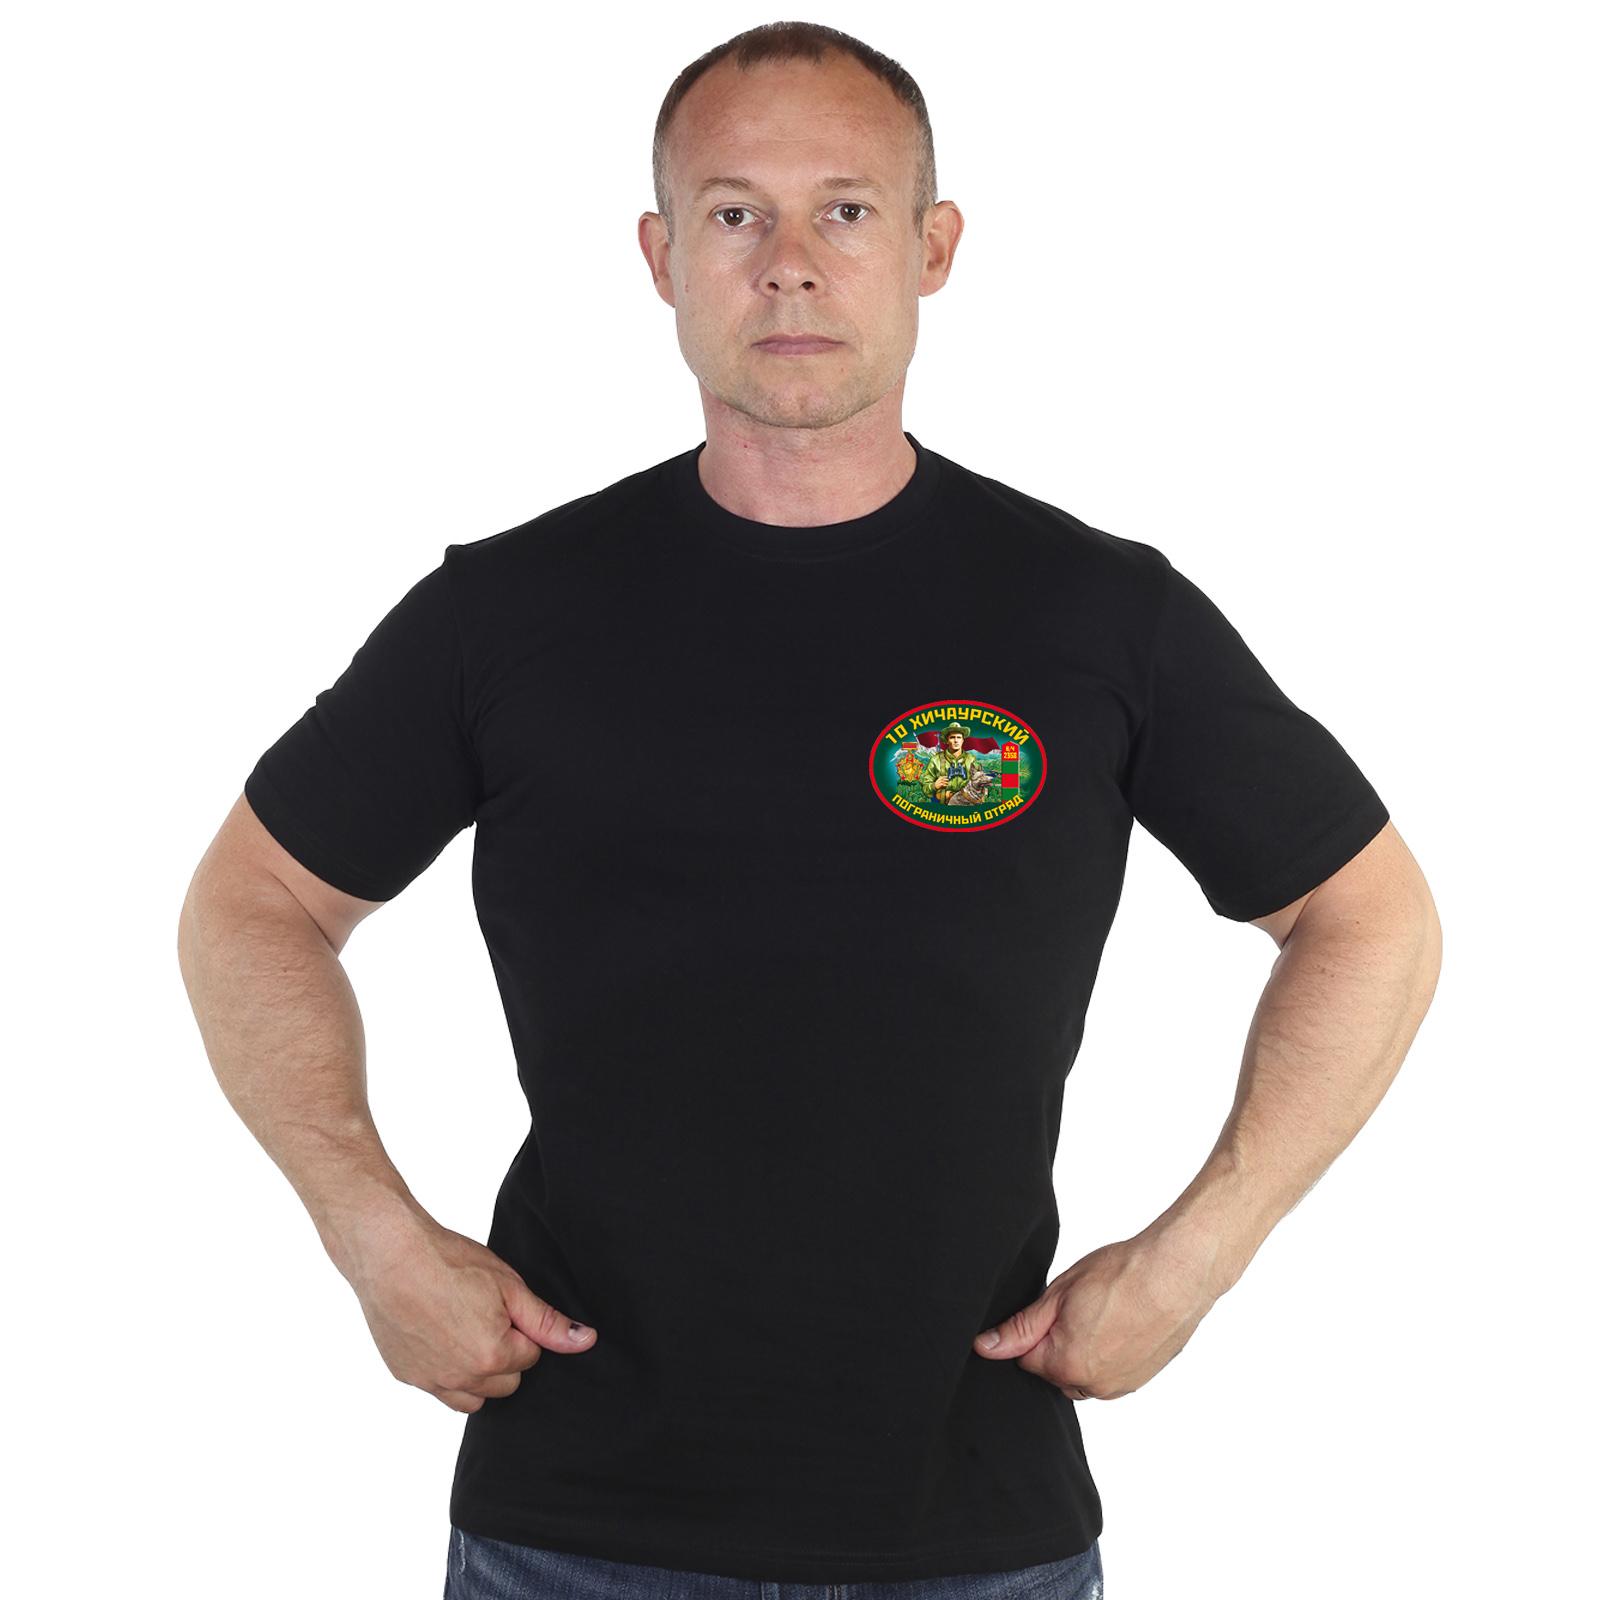 Заказать футболку Хичаурский 10 пограничный отряд